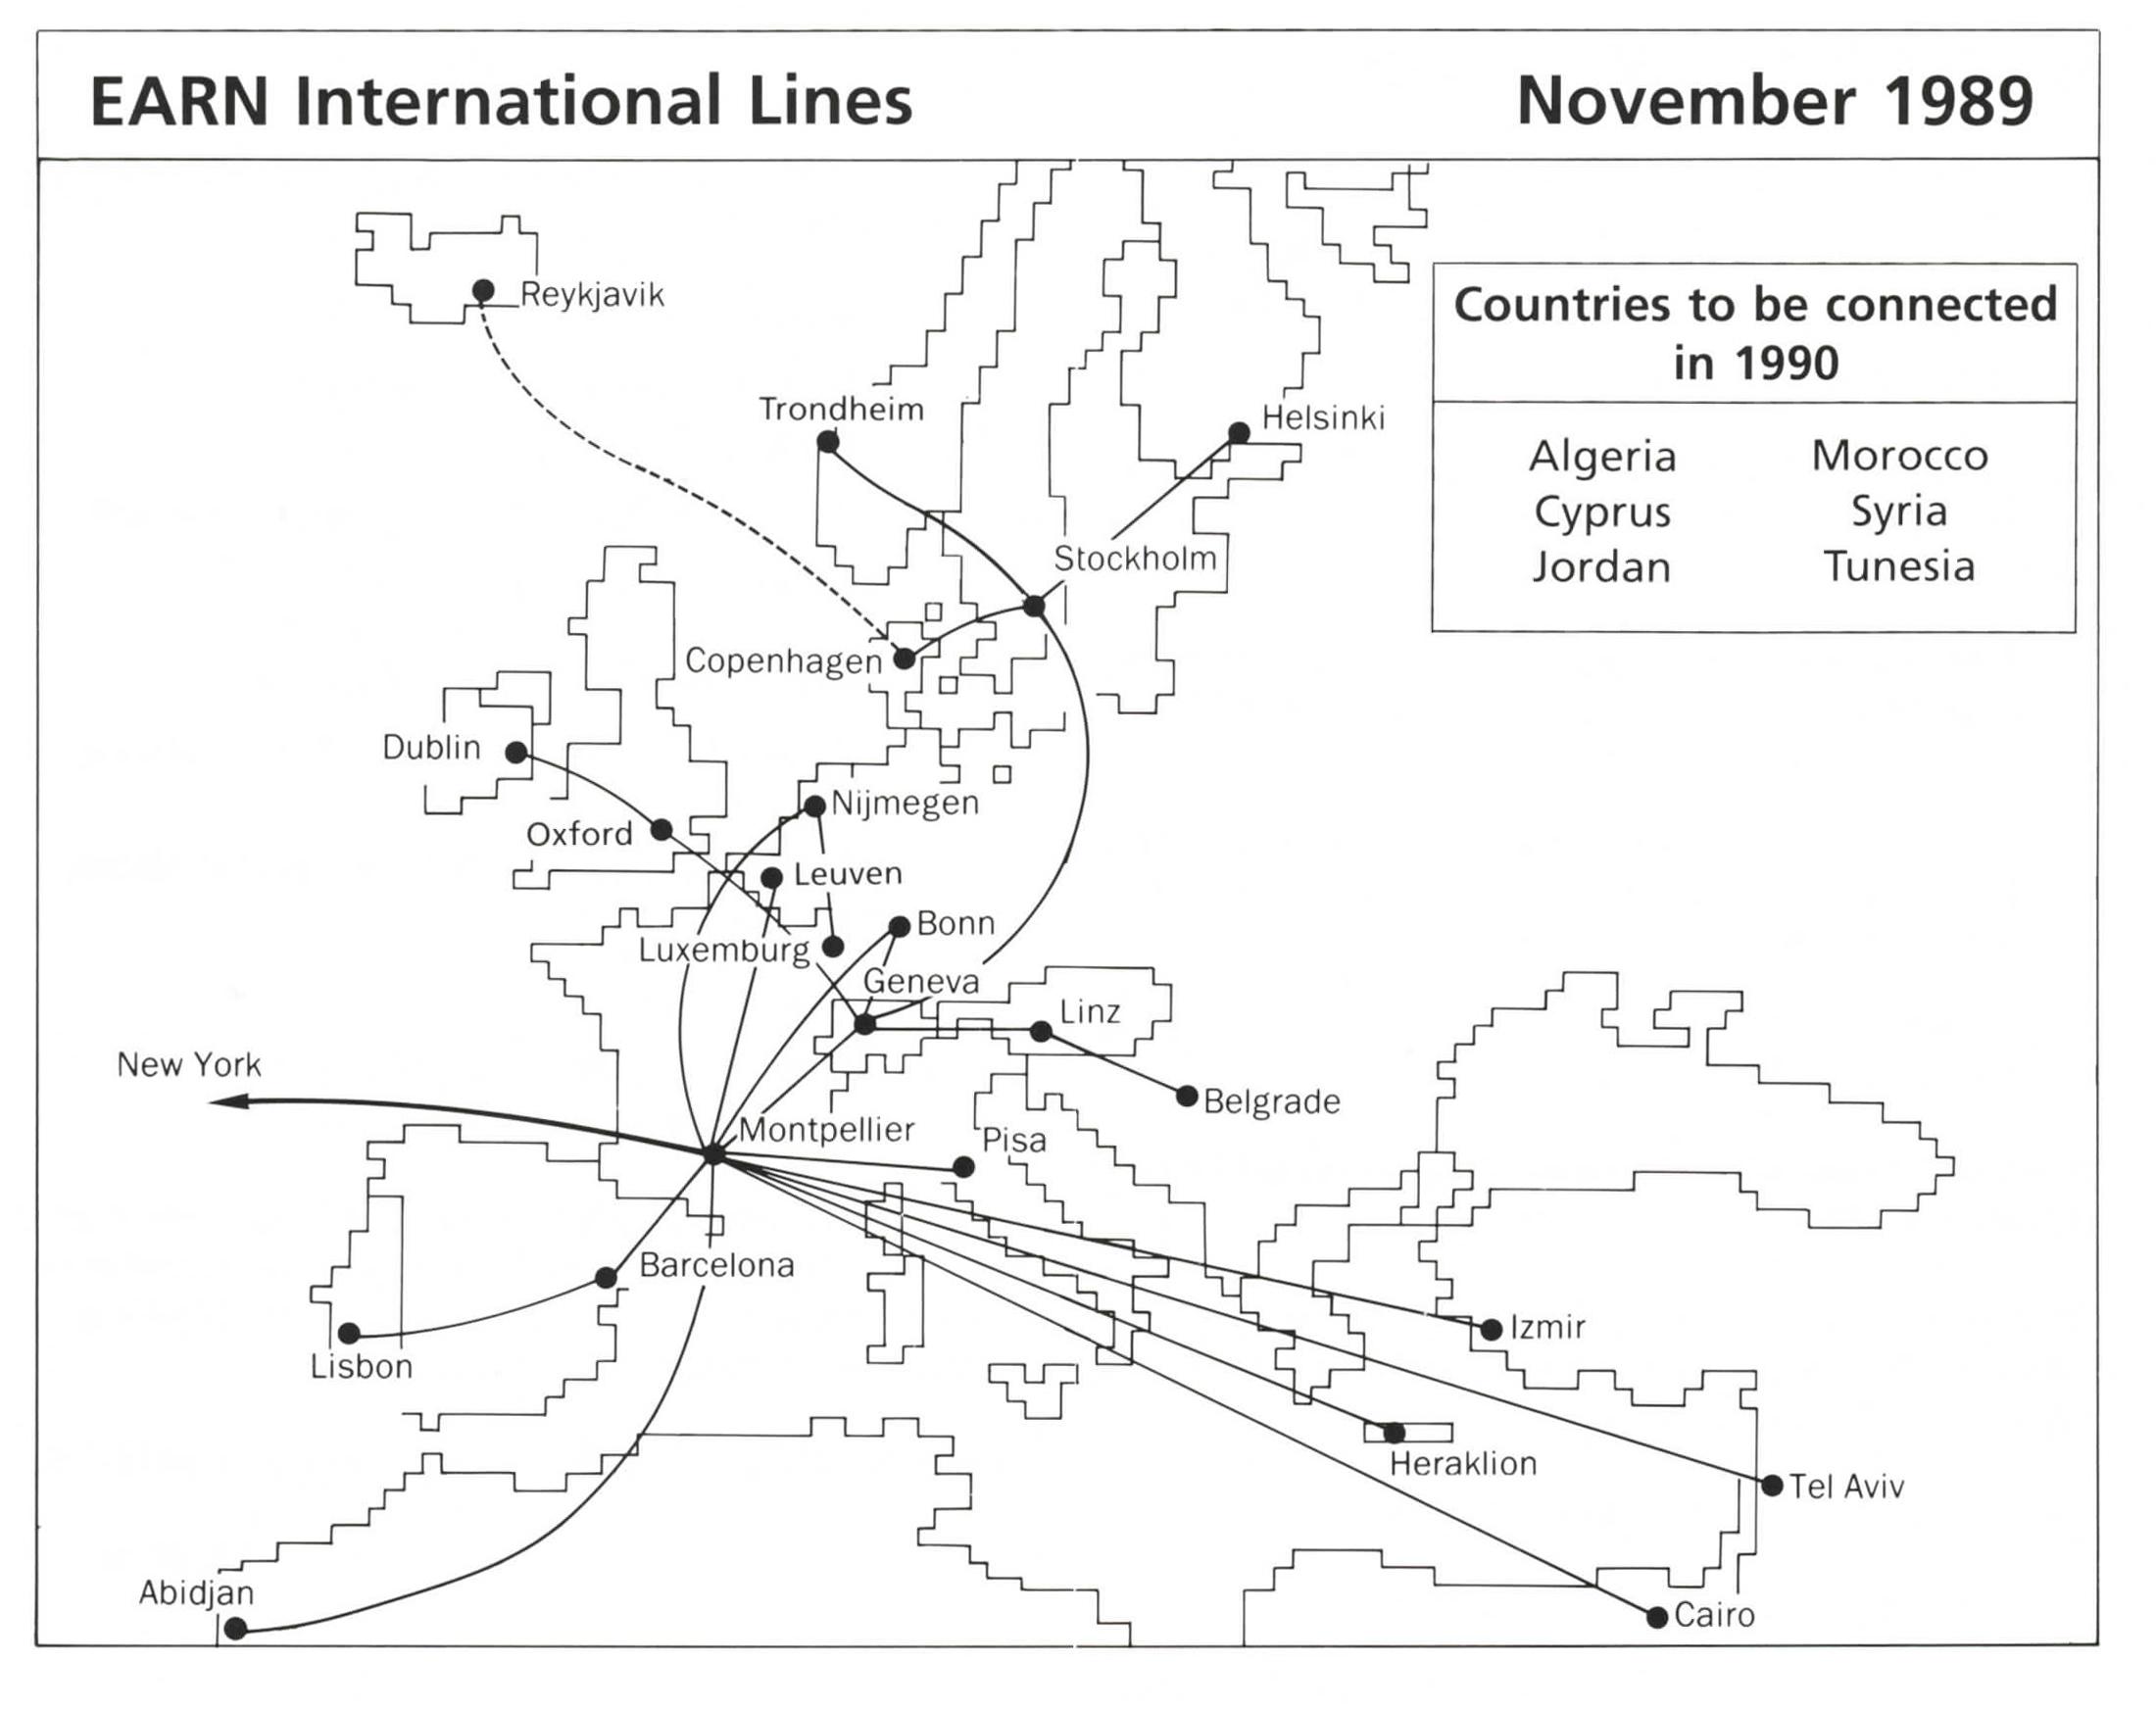 EARN MAP 1989